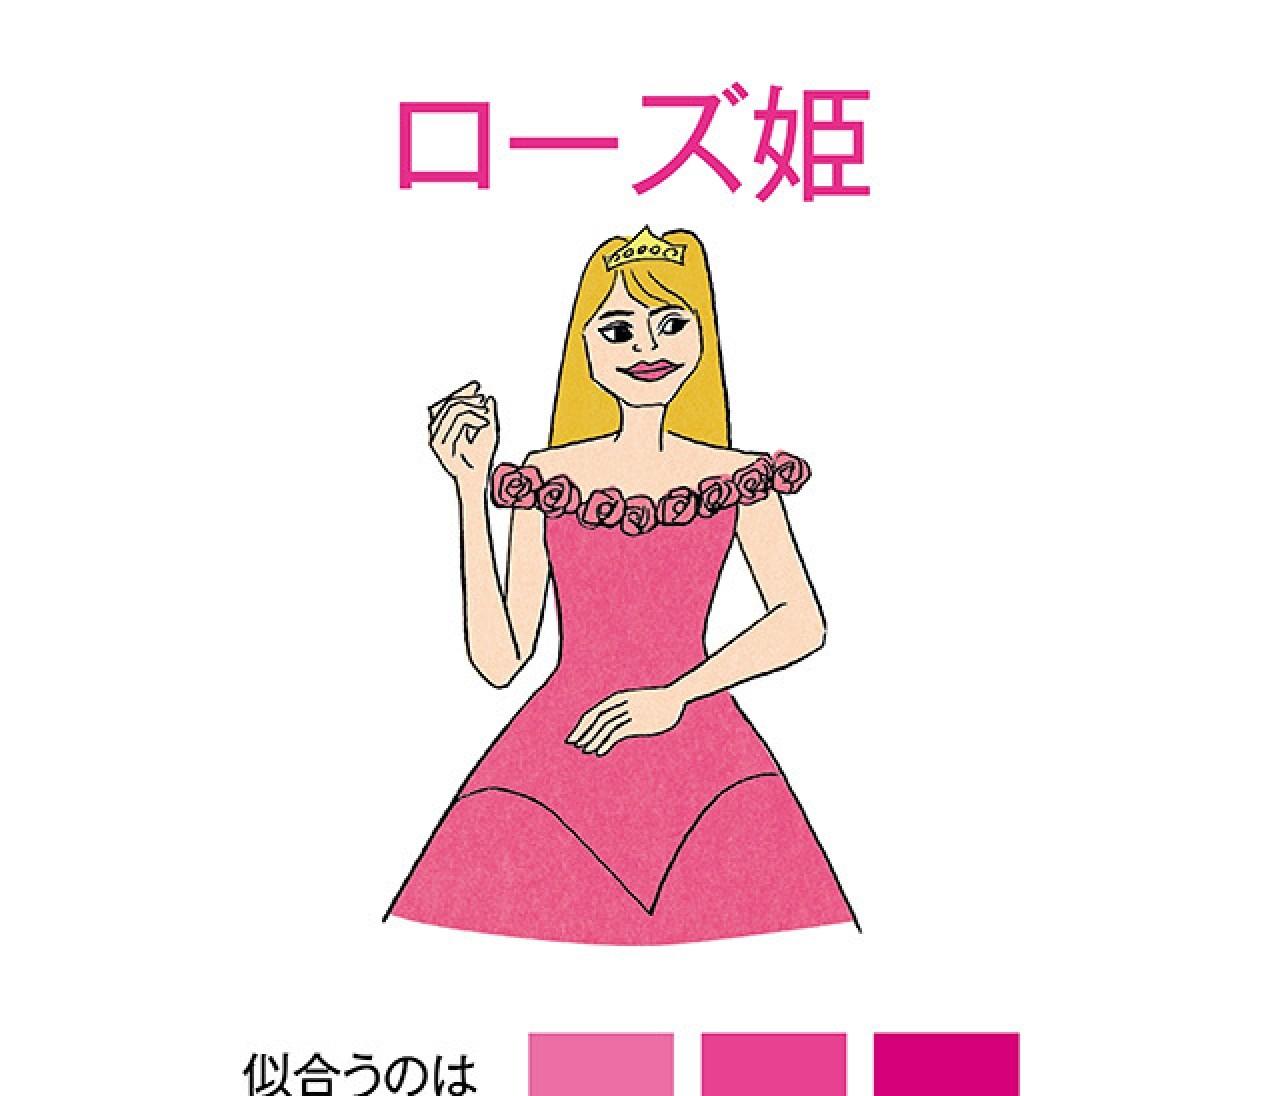 青み肌&キリッと顔のローズ姫に【本当に似合うピンク】講座